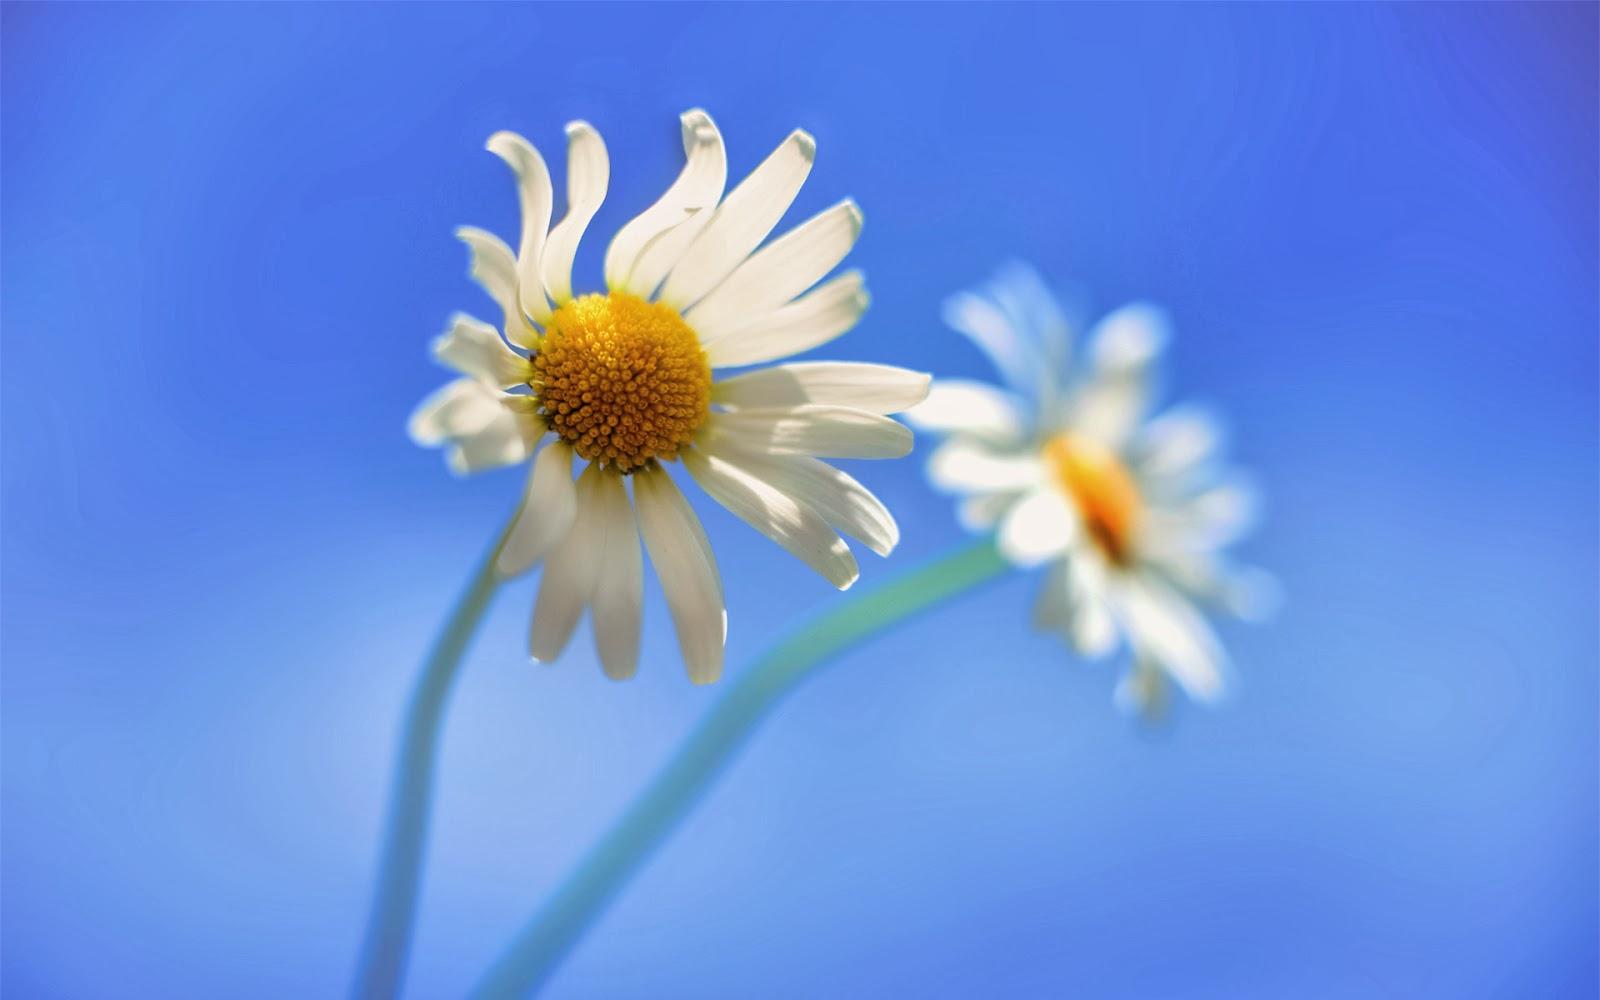 """<img src=""""http://4.bp.blogspot.com/-Ni9zZNhlNt4/UukHylSgJrI/AAAAAAAAKkE/54ywUAHALWc/s1600/cute-flower-wallpaper.jpg"""" alt=""""cute flower wallpaper"""" />"""